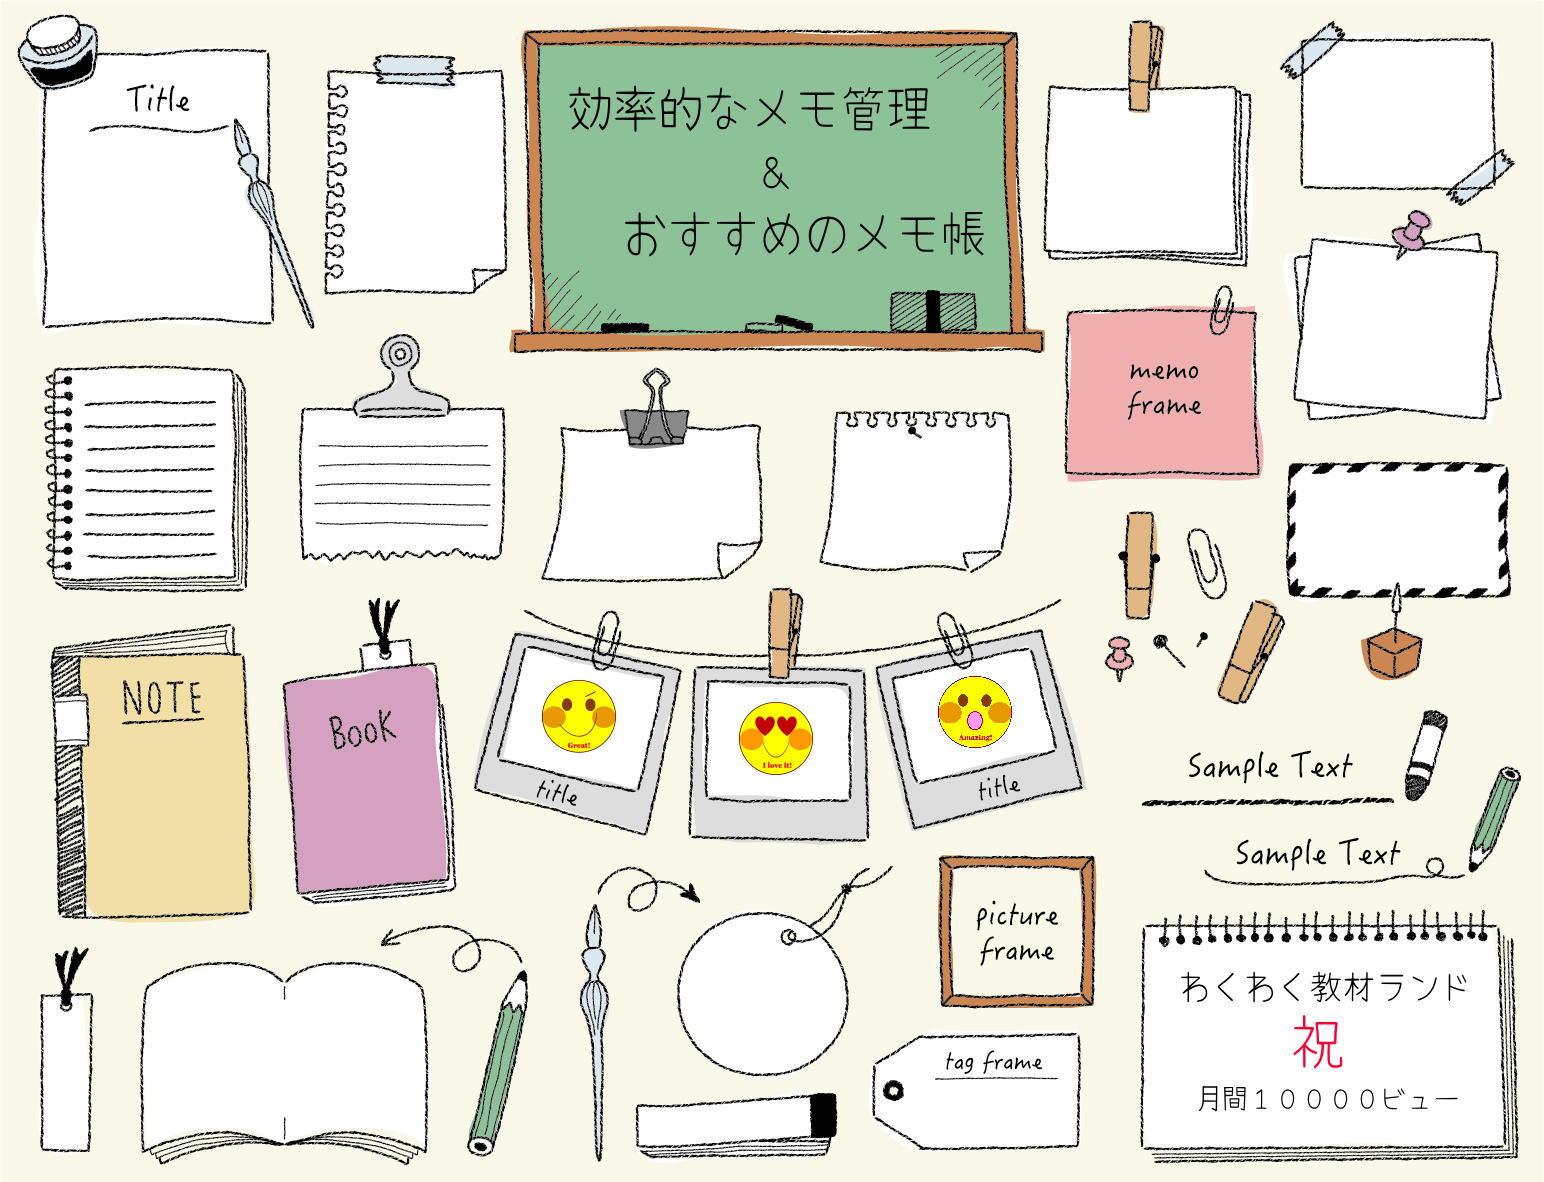 メモライフを充実させる「おすすめのメモ帳」と便利な使い方